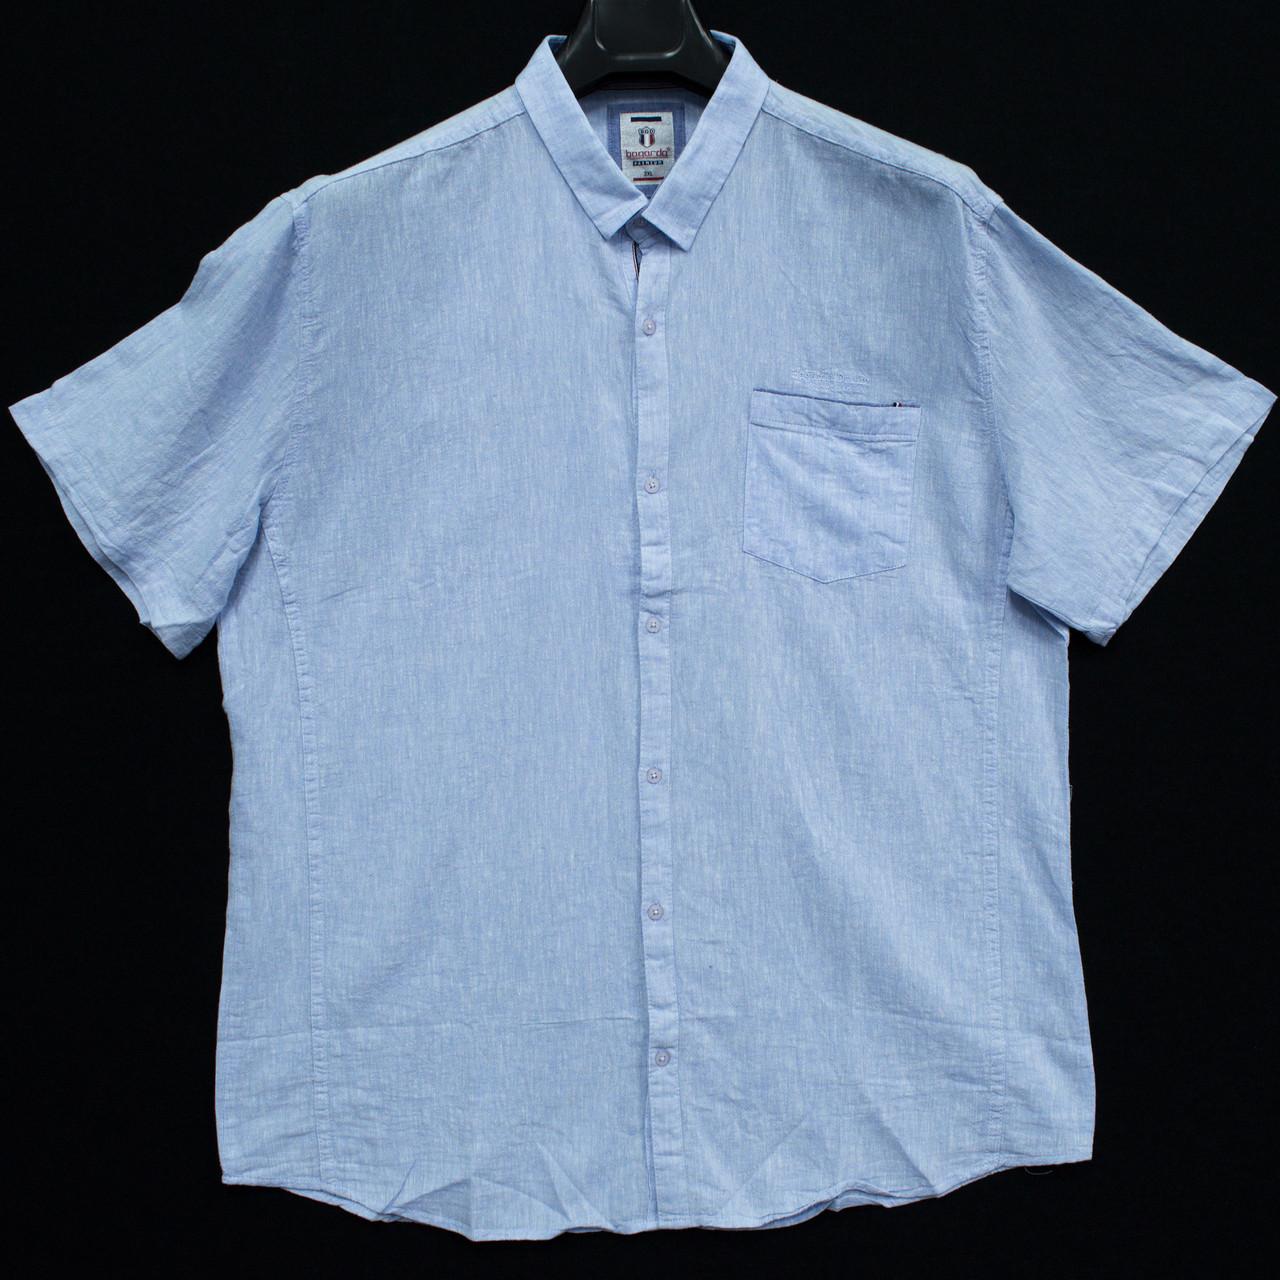 Сорочка чоловіча (приталена) з коротким рукавом Bagarda BG5723-B BLUE 80% льон 20% бавовна 5XL(Р)